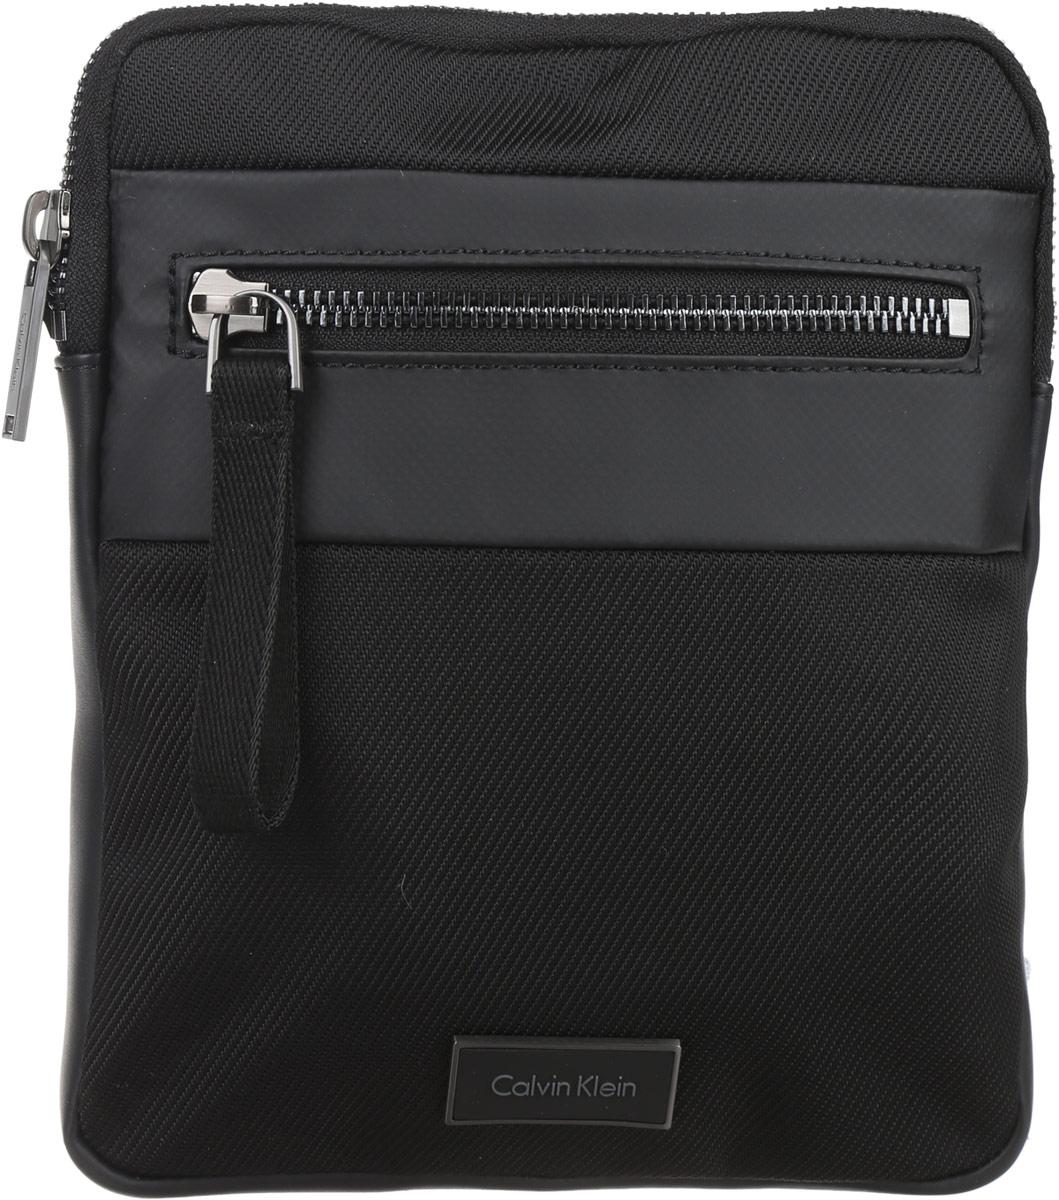 Сумка мужская Calvin Klein Jeans, цвет: черный. K50K502300_0010K50K502300_0010Стильная мужская сумка Calvin Klein Jeans выполнена из полиуретана, полиамида и полиэстера. Изделие имеет одно отделение, которое закрывается на застежку-молнию. Внутри сумки расположен мягкий карман для планшета. Снаружи, на передней стенке находится прорезной карман на застежке-молнии. Сумка оснащена текстильным плечевым ремнем, который регулируется по длине. Стильная сумка идеально подчеркнет ваш неповторимый стиль.